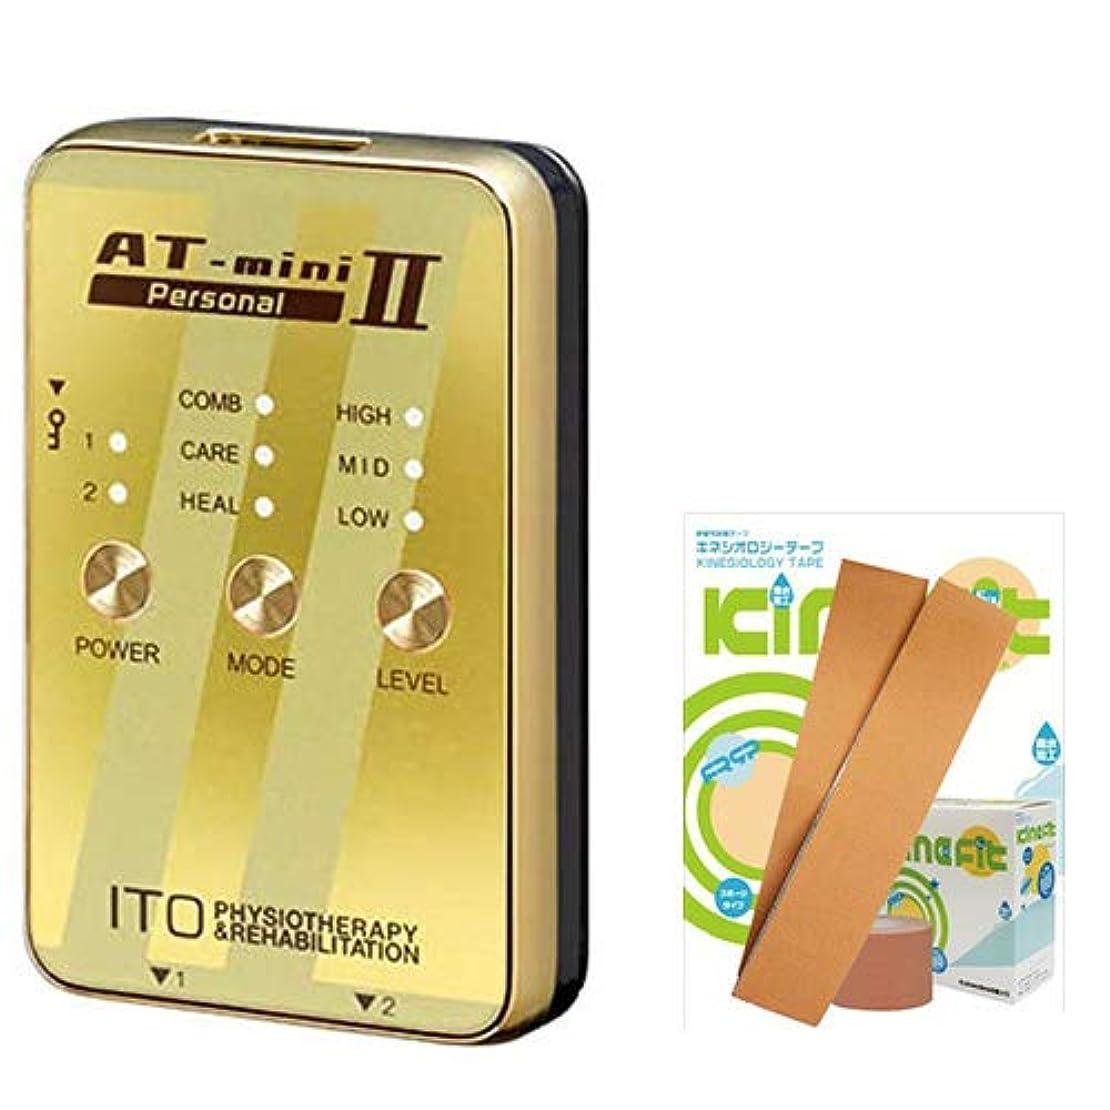 インタネットを見る商標再集計低周波治療器 AT-mini personal II ゴールド (ATミニパーソナル2) +キネフィットテープ50cmセット